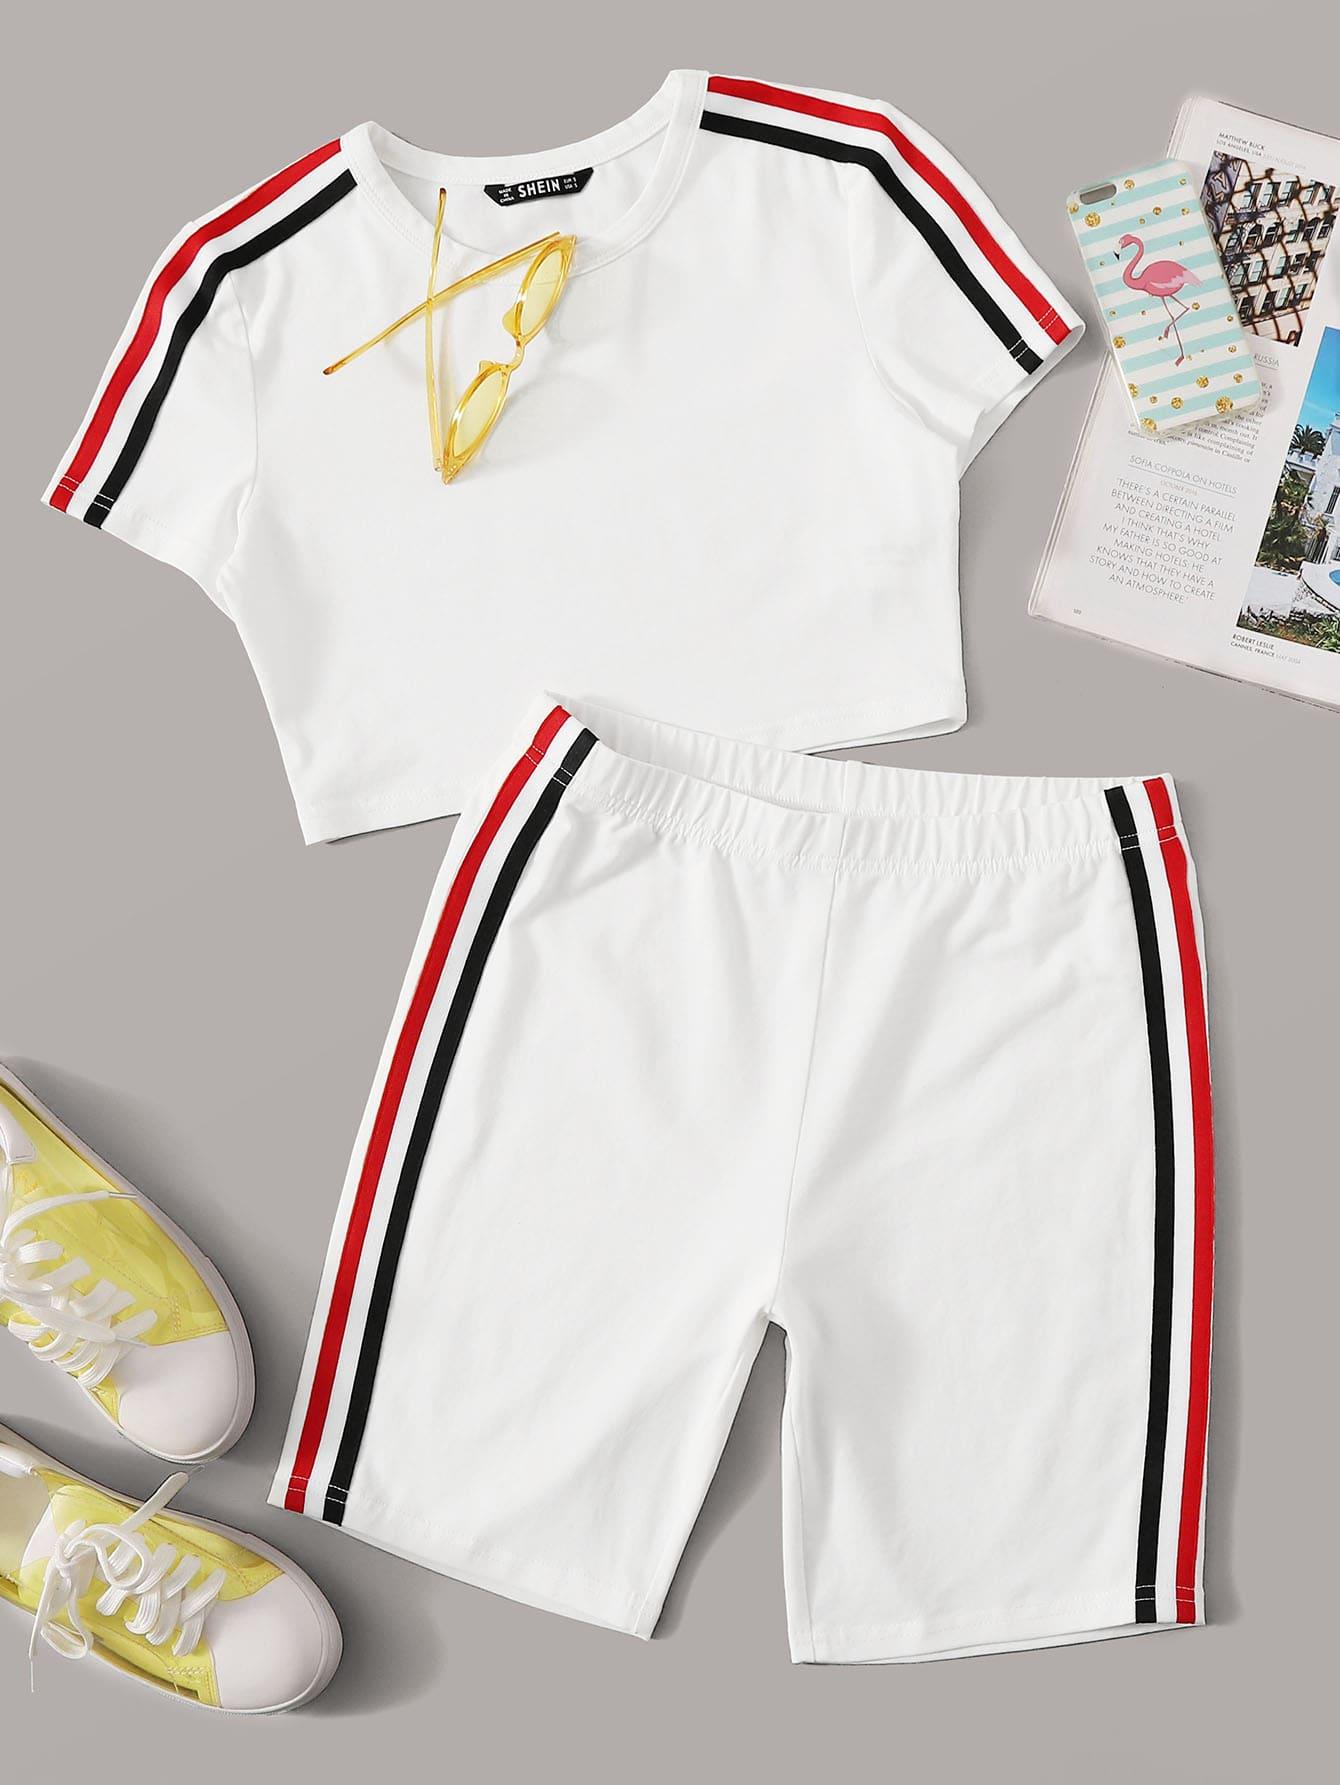 Фото - Топ с полосатой лентой сбоку и шорты от SheIn белого цвета